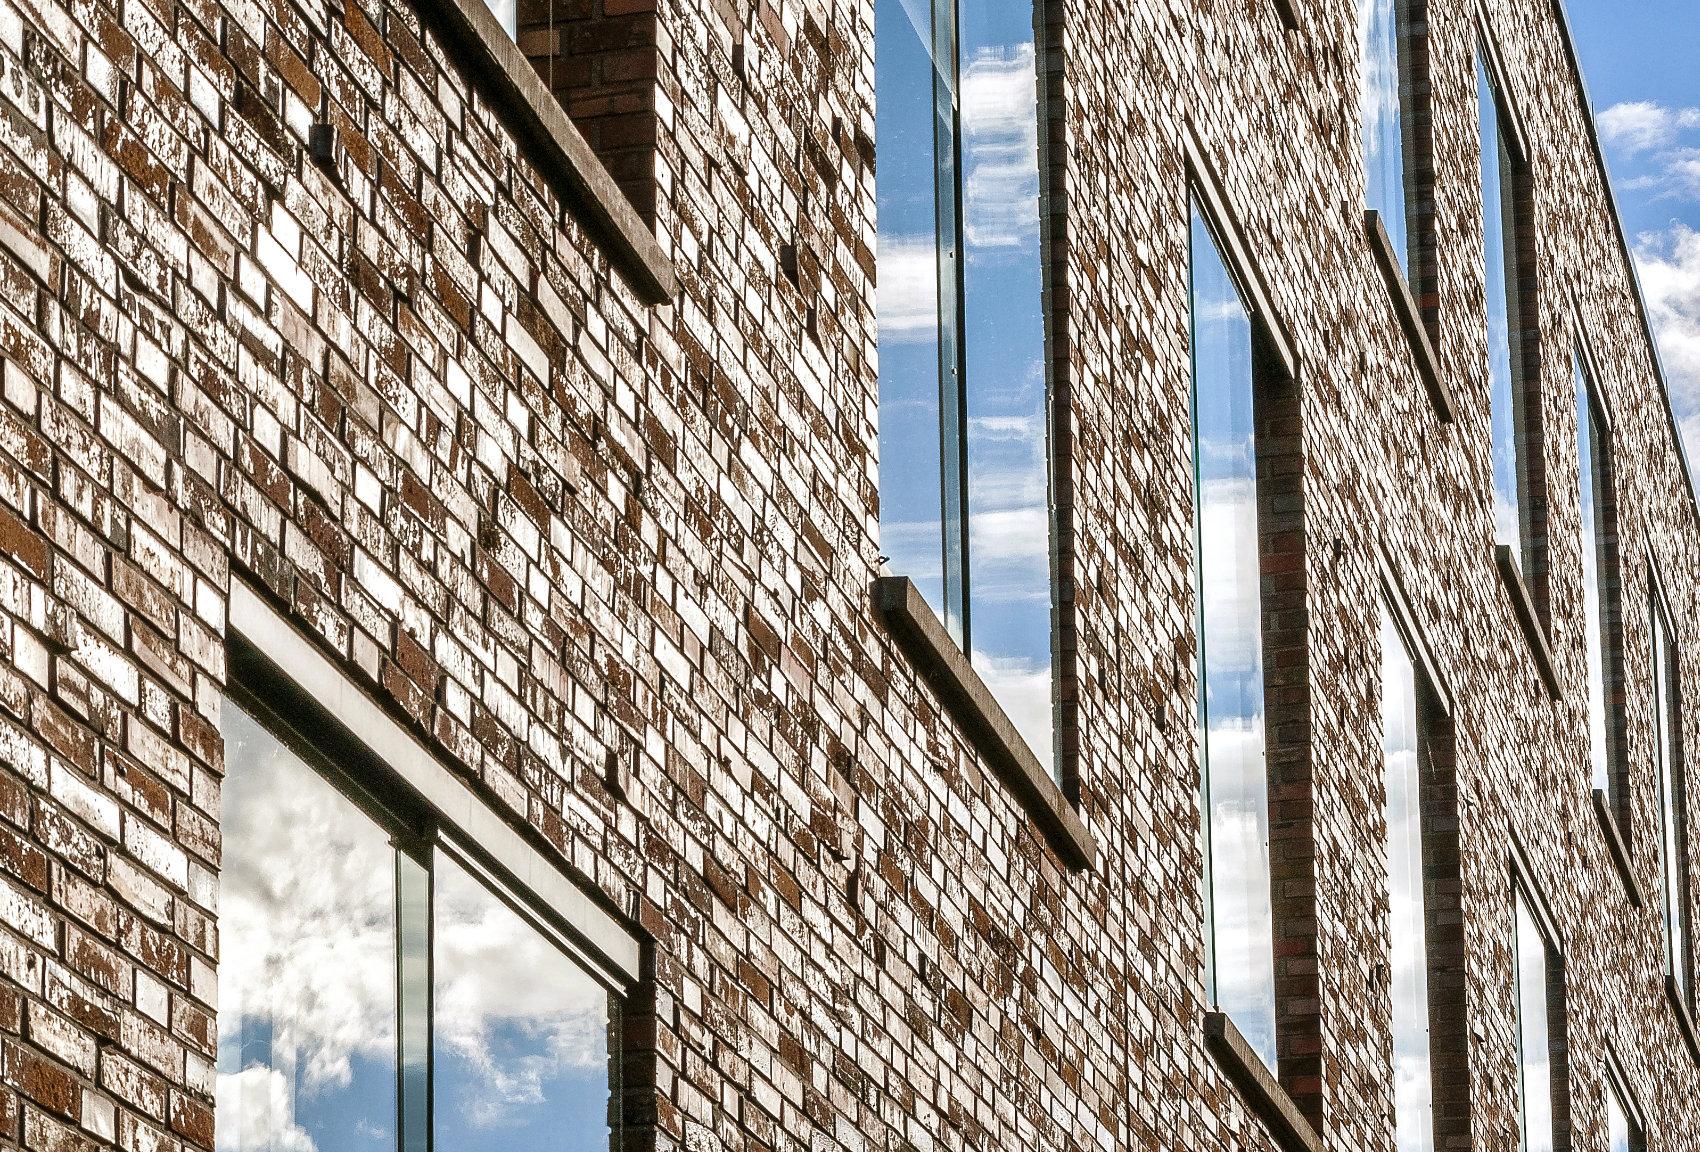 Fenstereinbau bei Klinkerfassade